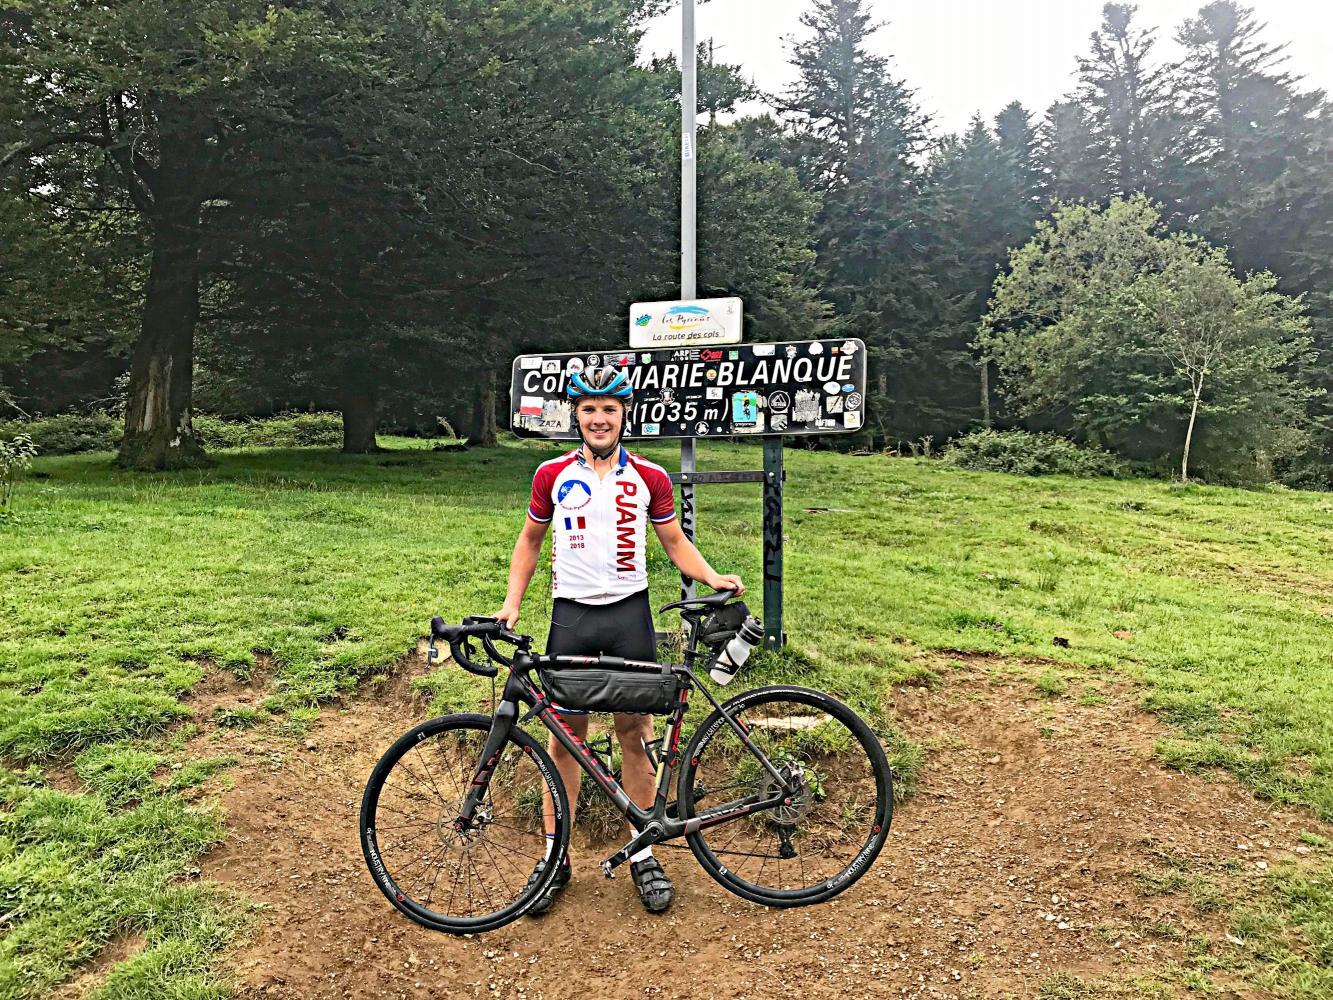 Col de Marie Blanque - Escot Bike Climb - PJAMM Cycling